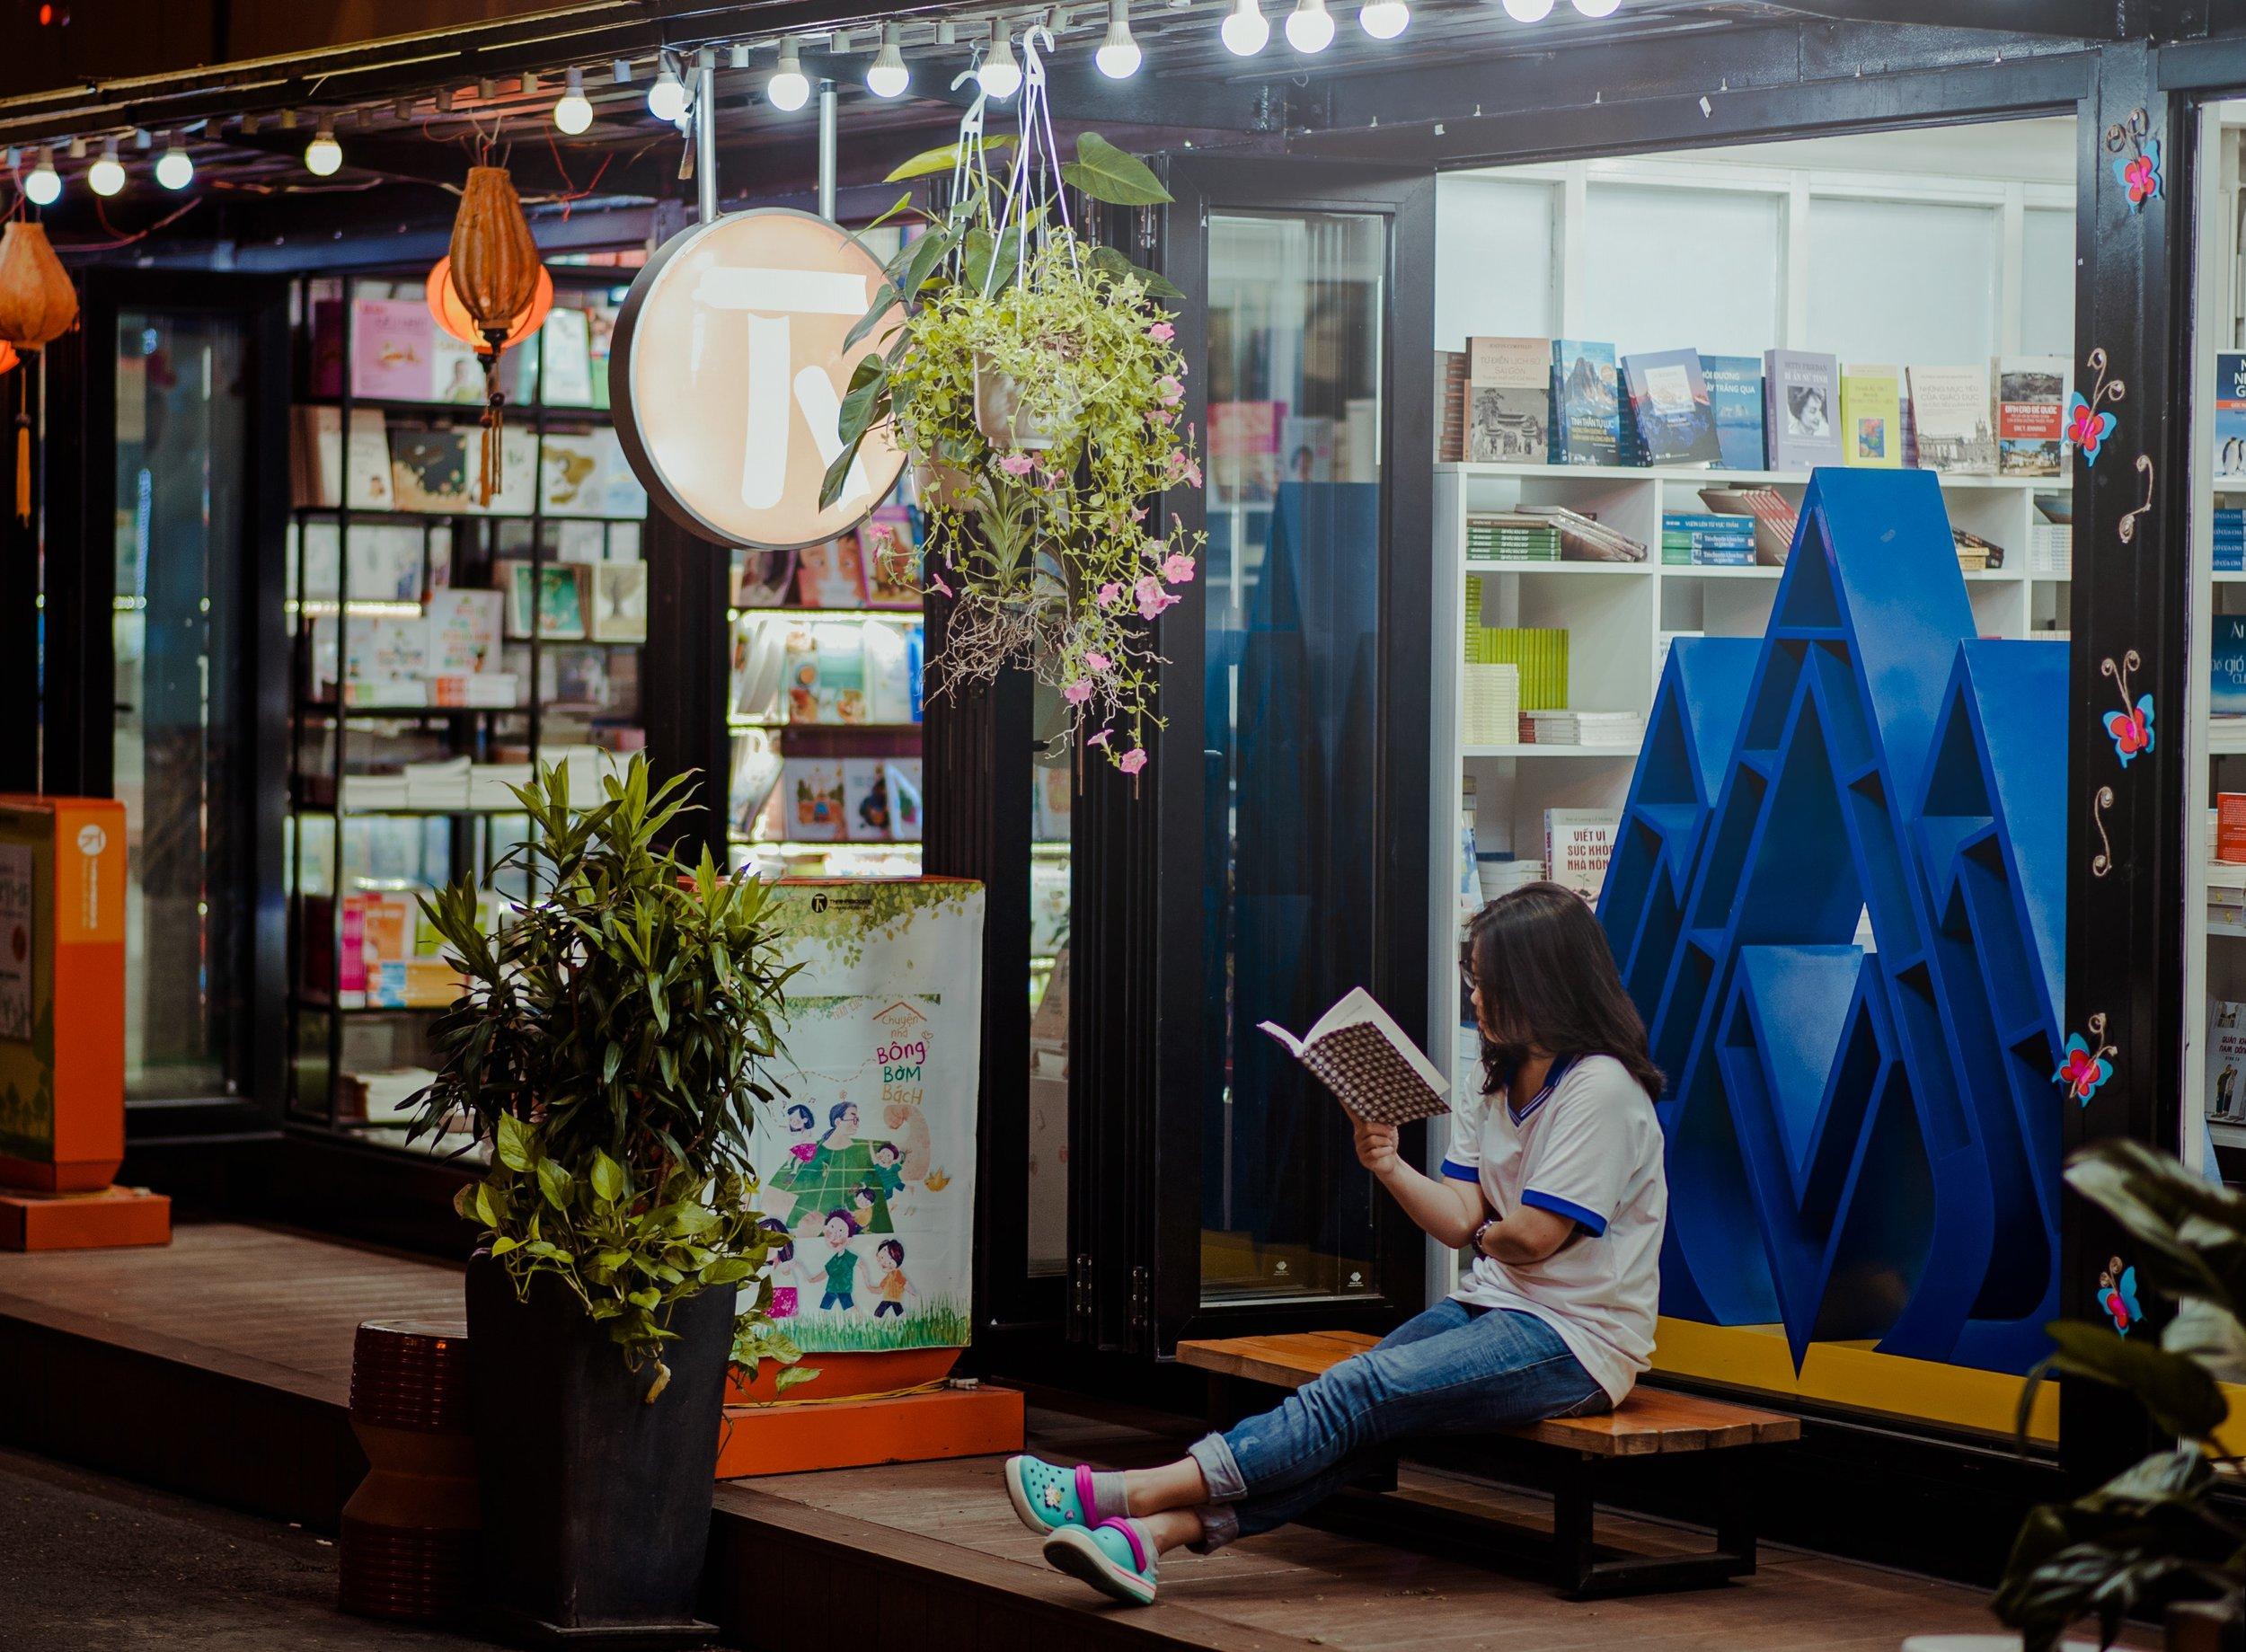 alone-bookstore-boutique-775999.jpg